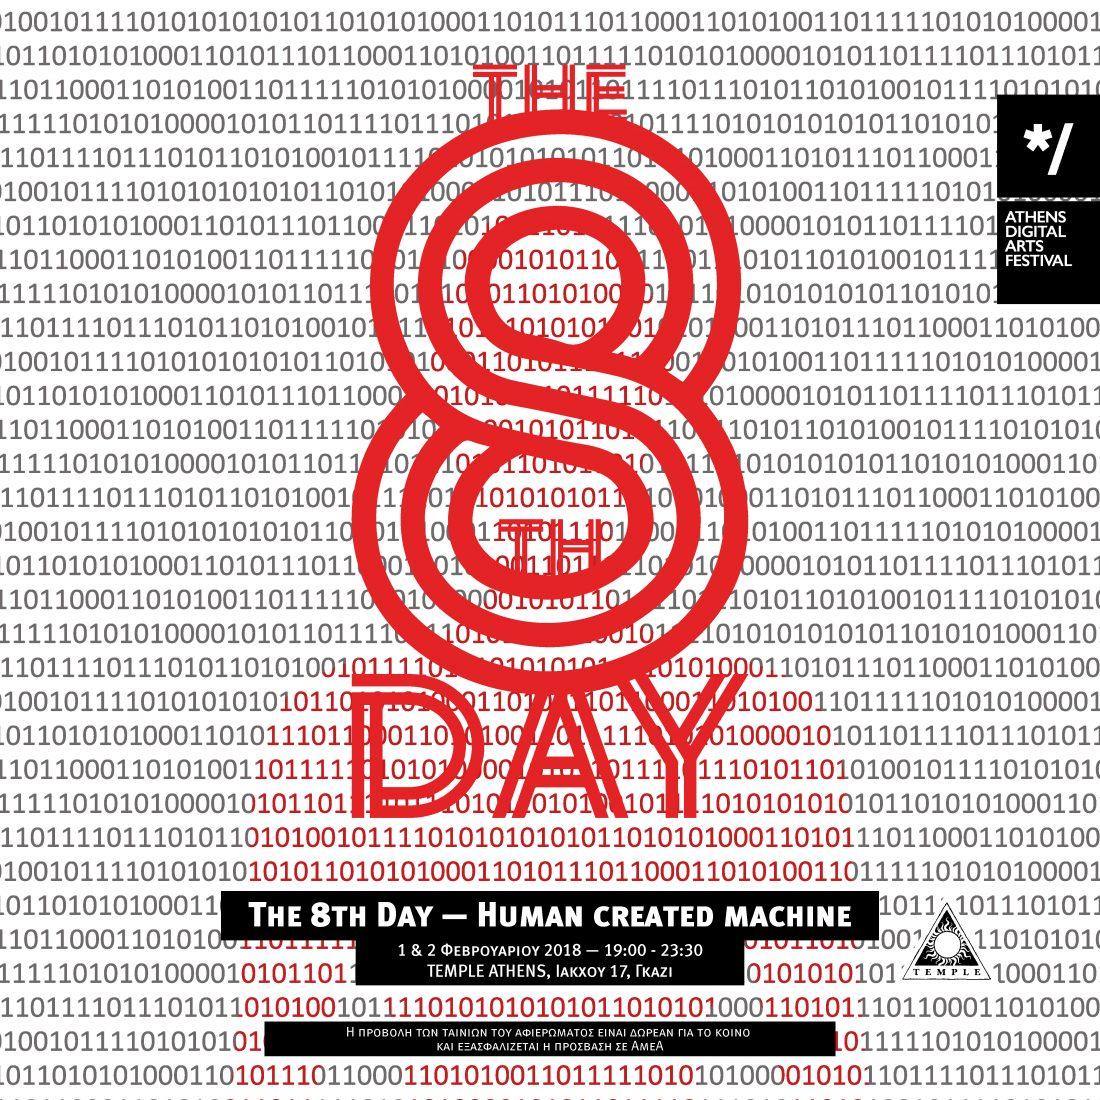 Τhe 8th Day | Human created Machine